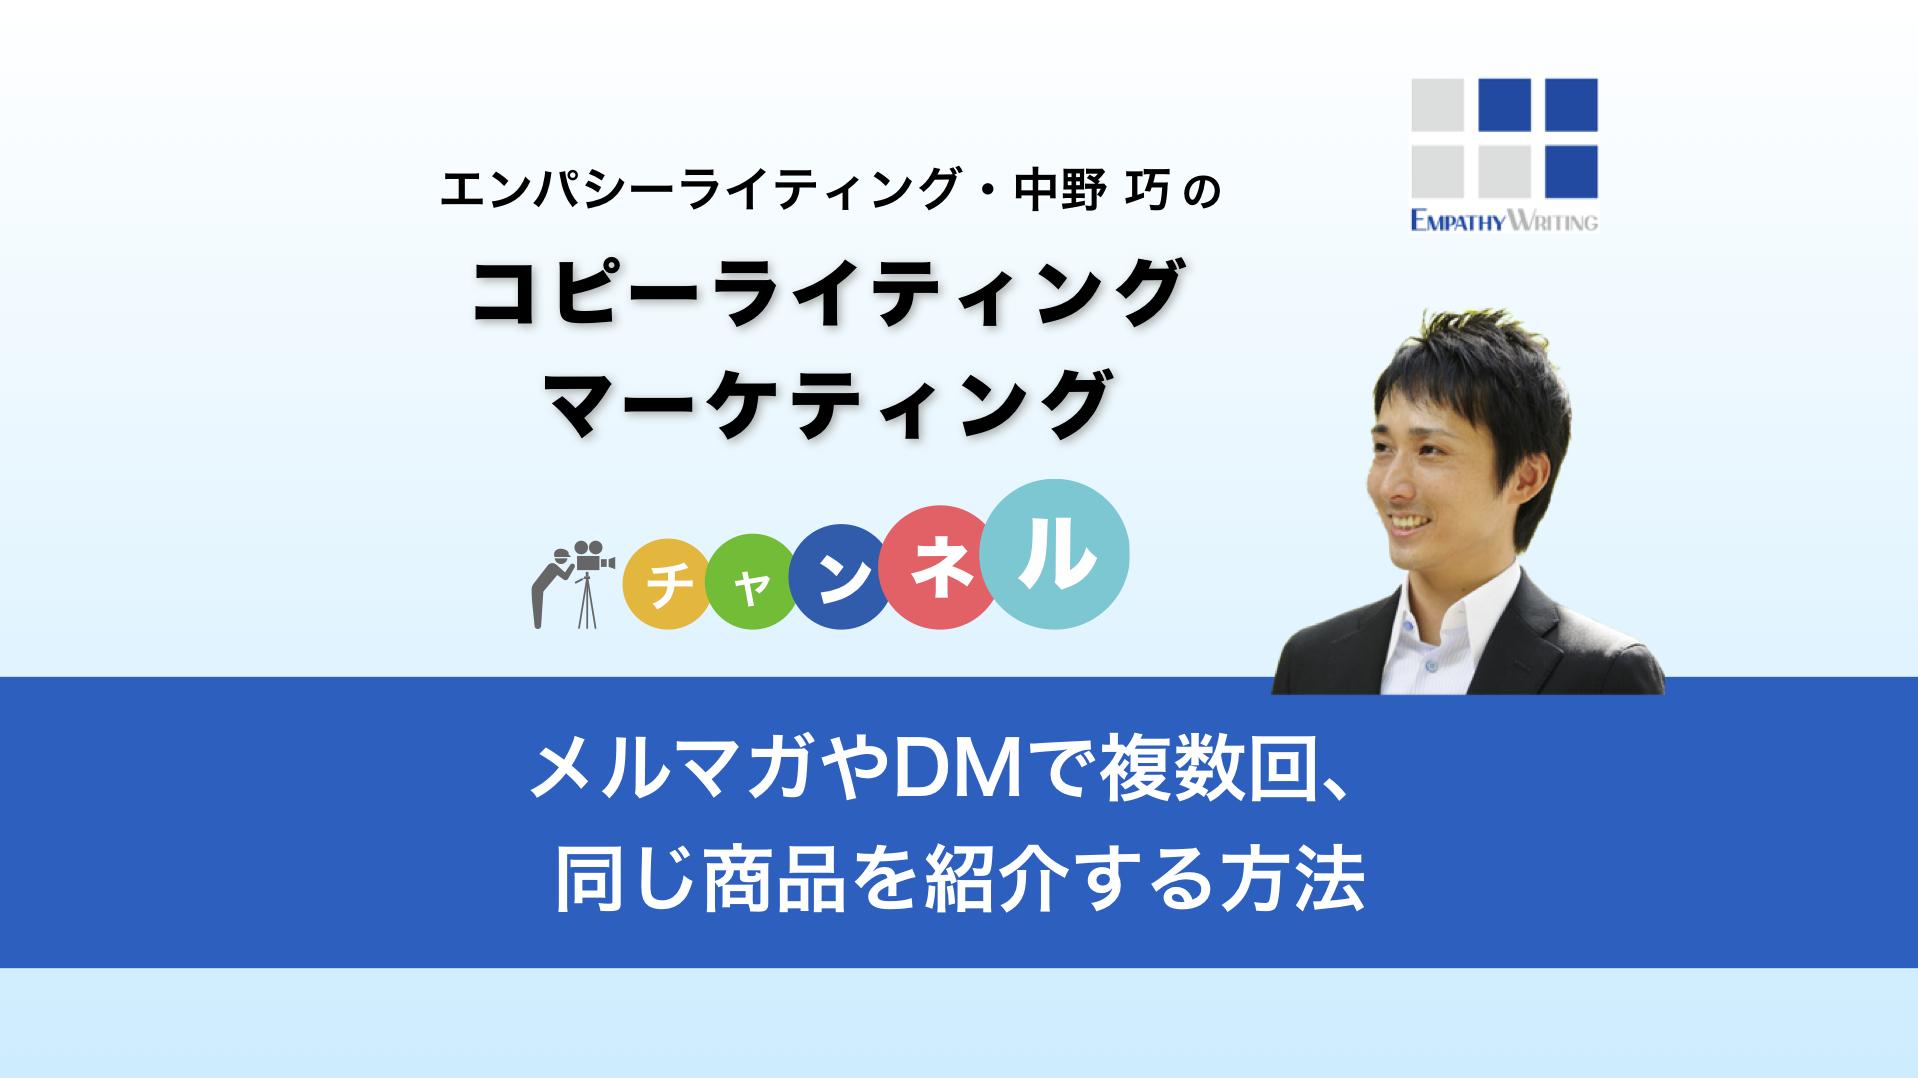 003メルマガやDM(ダイレクトメール)で複数回、同じ商品を紹介する方法